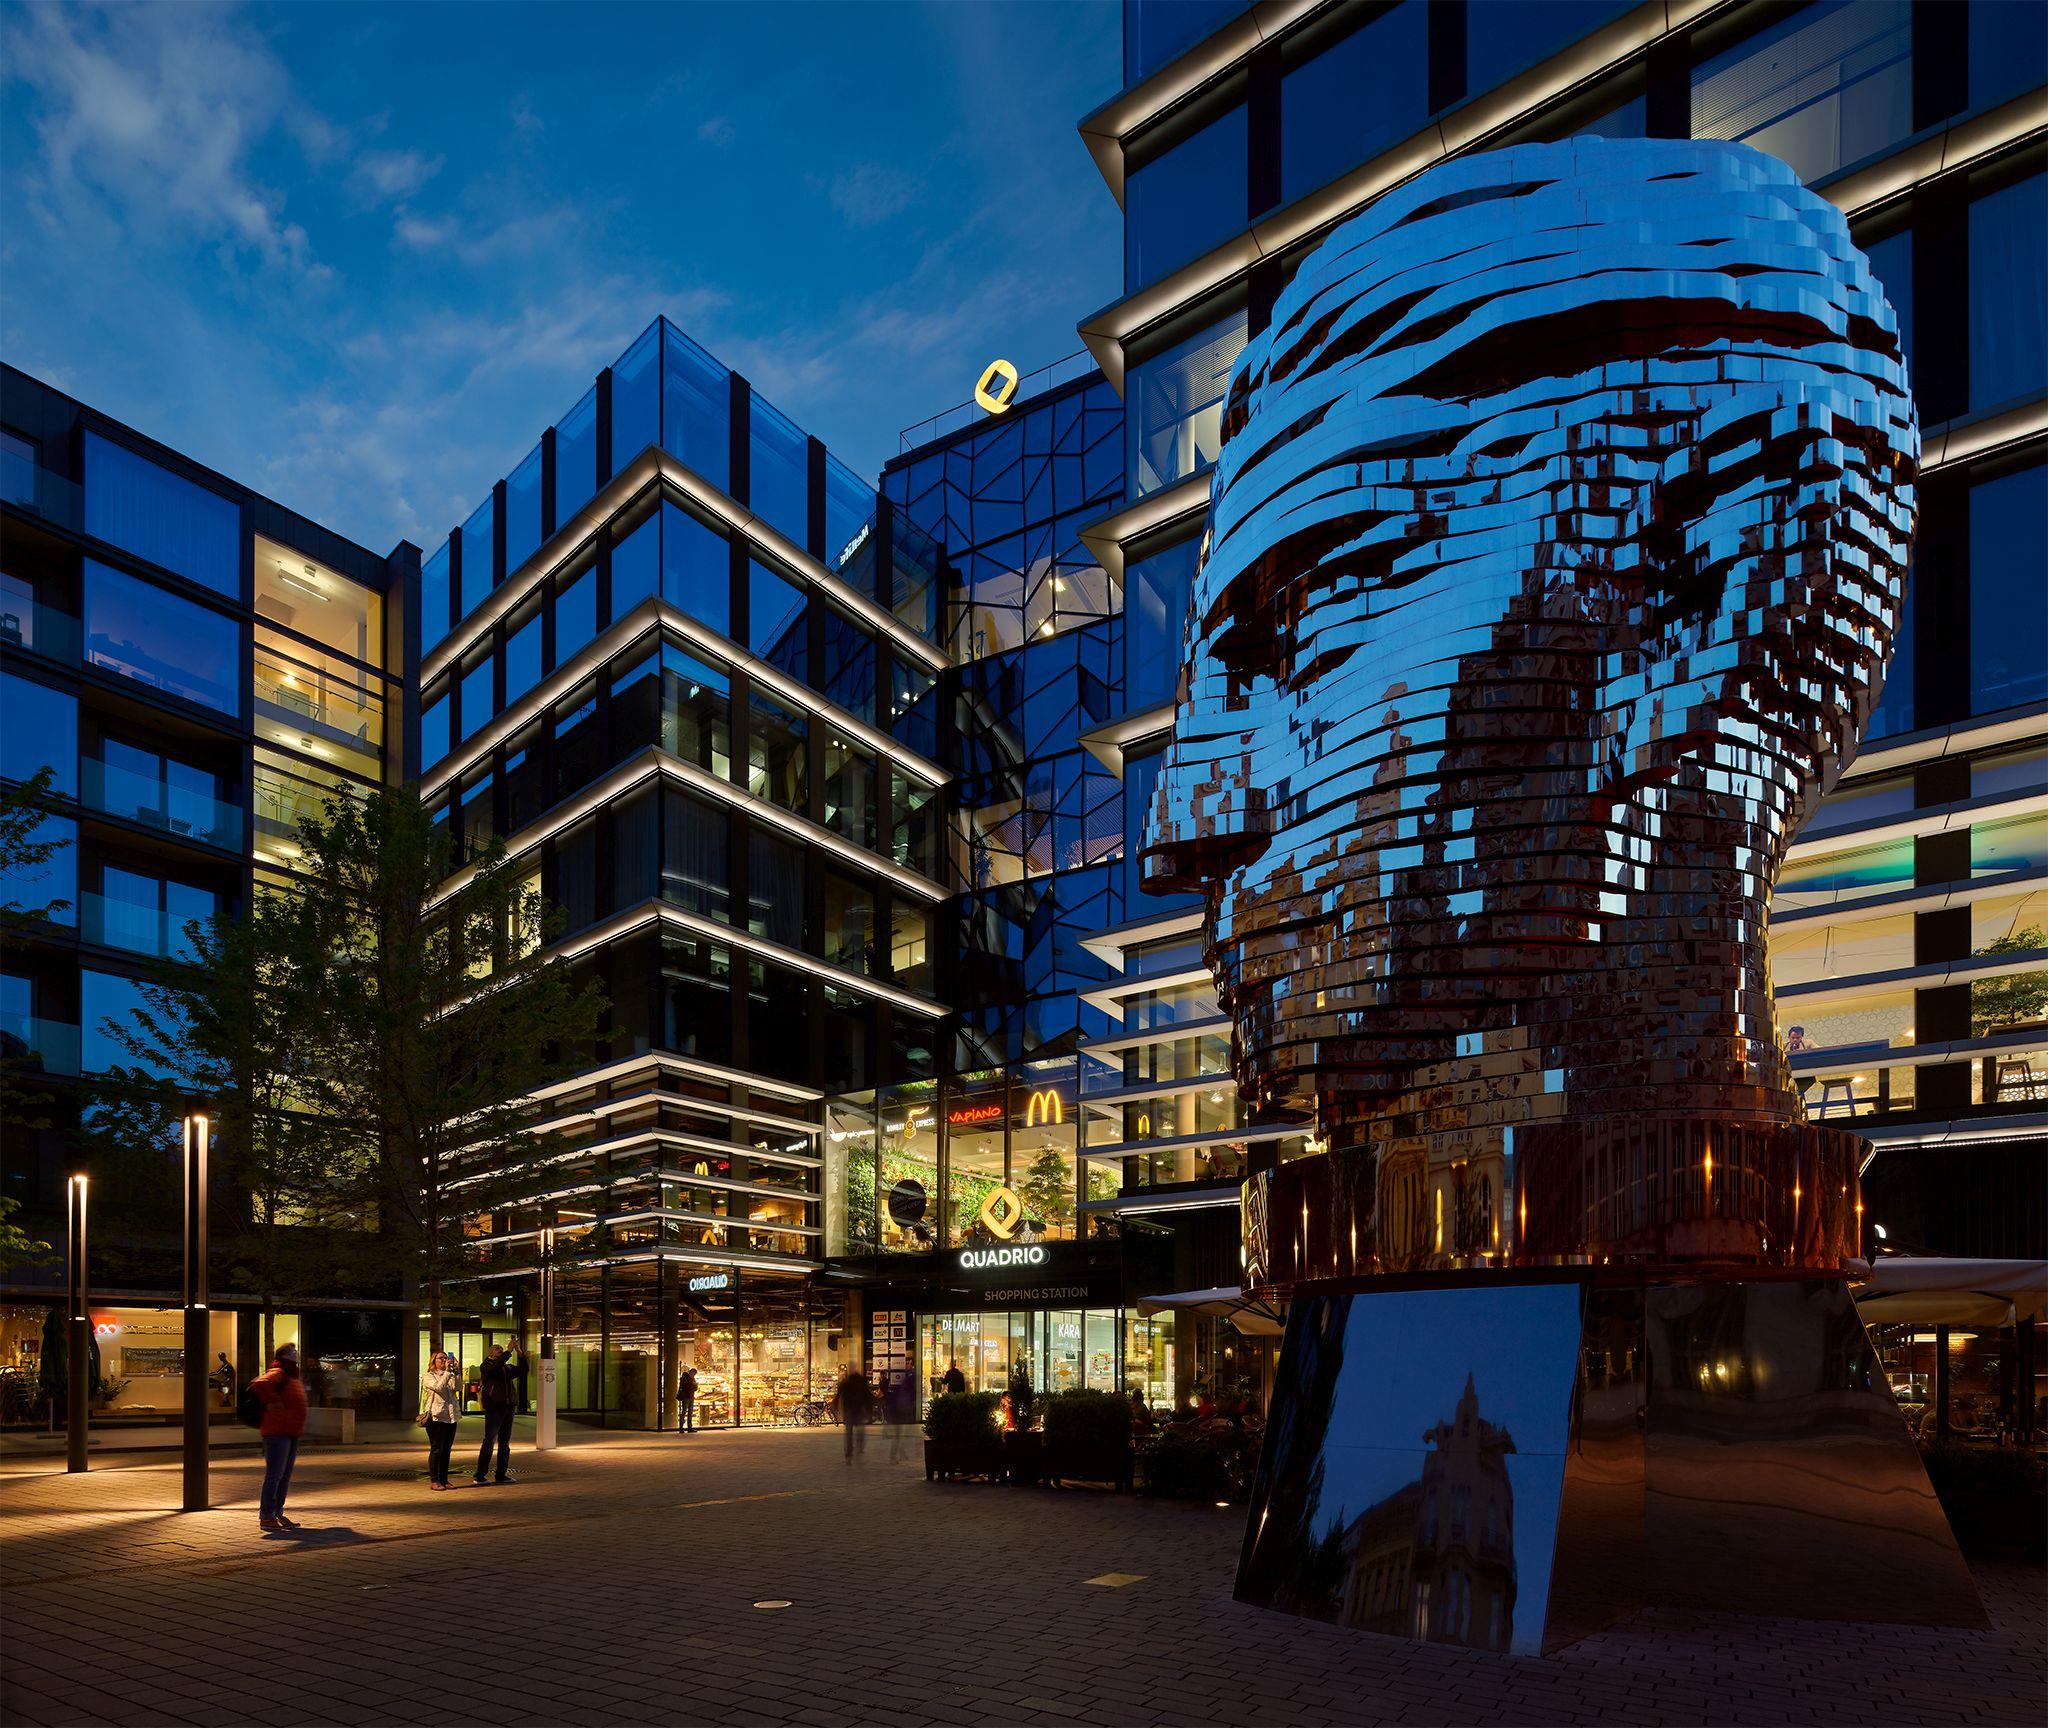 Quadrio business centre